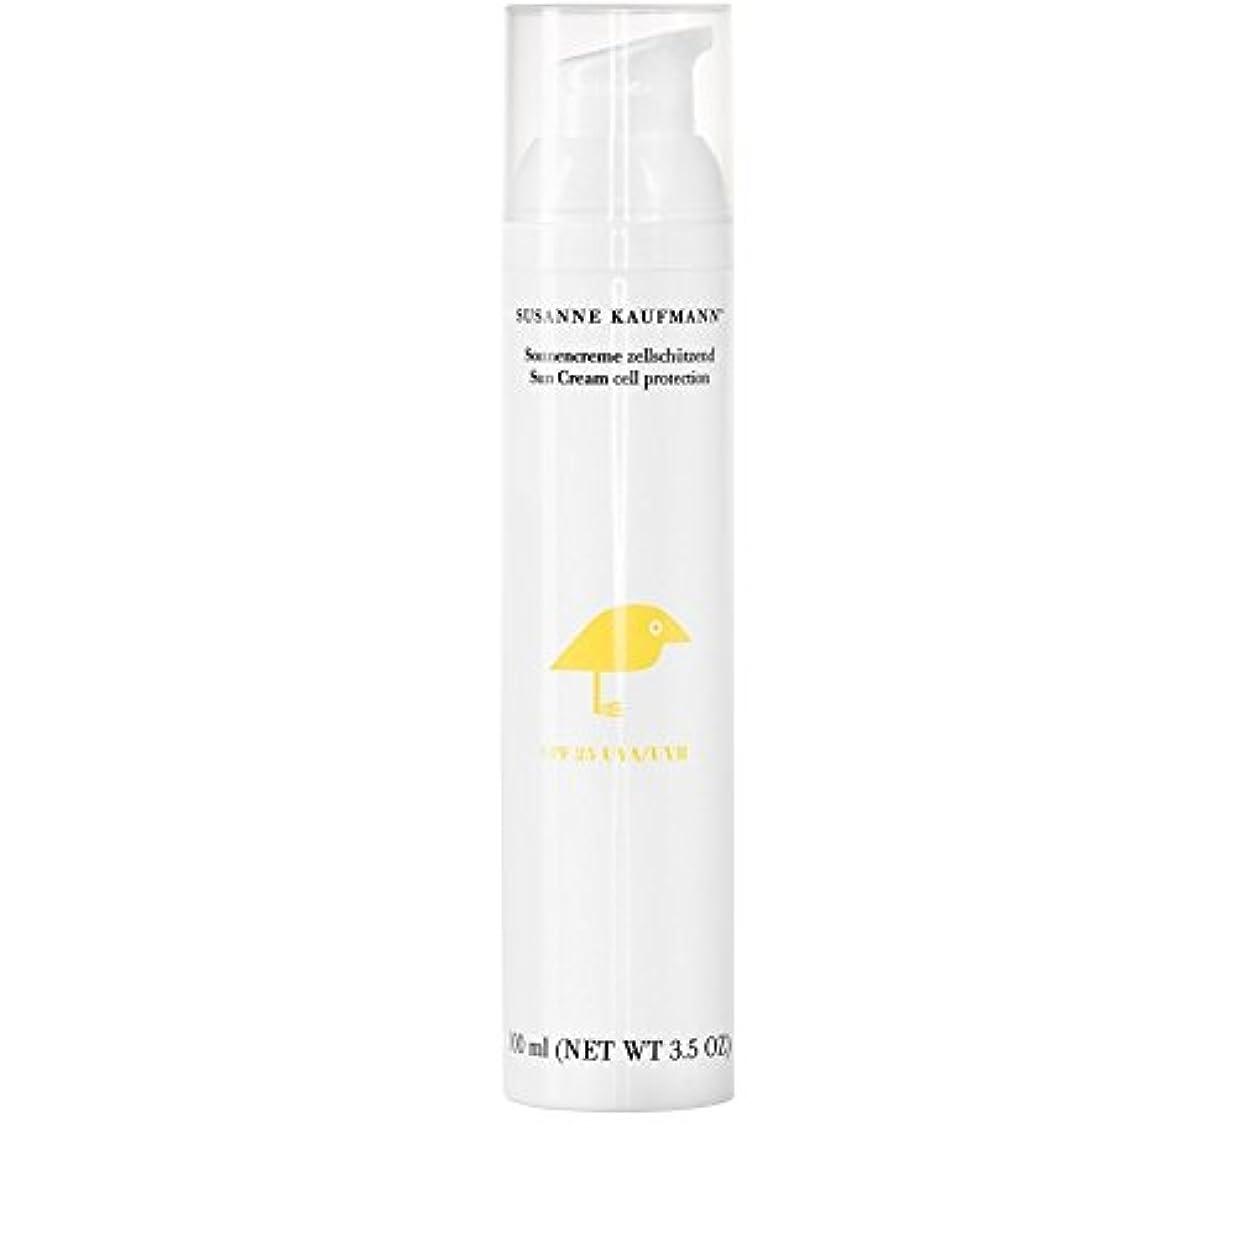 シーズンアクション密Susanne Kaufmann Cell Protection Sun Cream SPF25 100ml - スザンヌカウフマン細胞保護日クリーム25の100ミリリットル [並行輸入品]